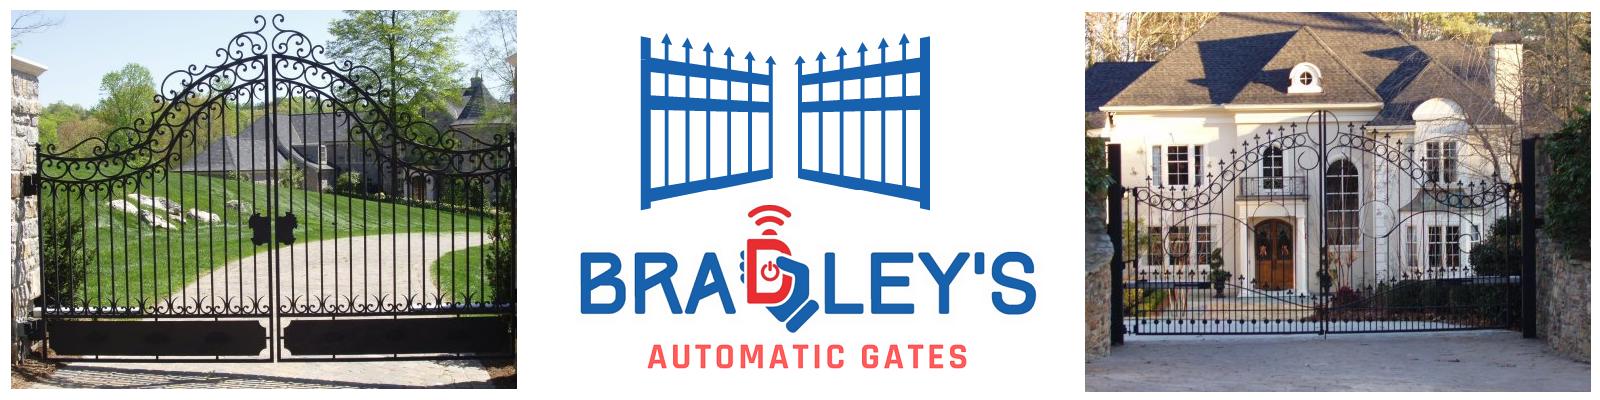 Bradley's Gates